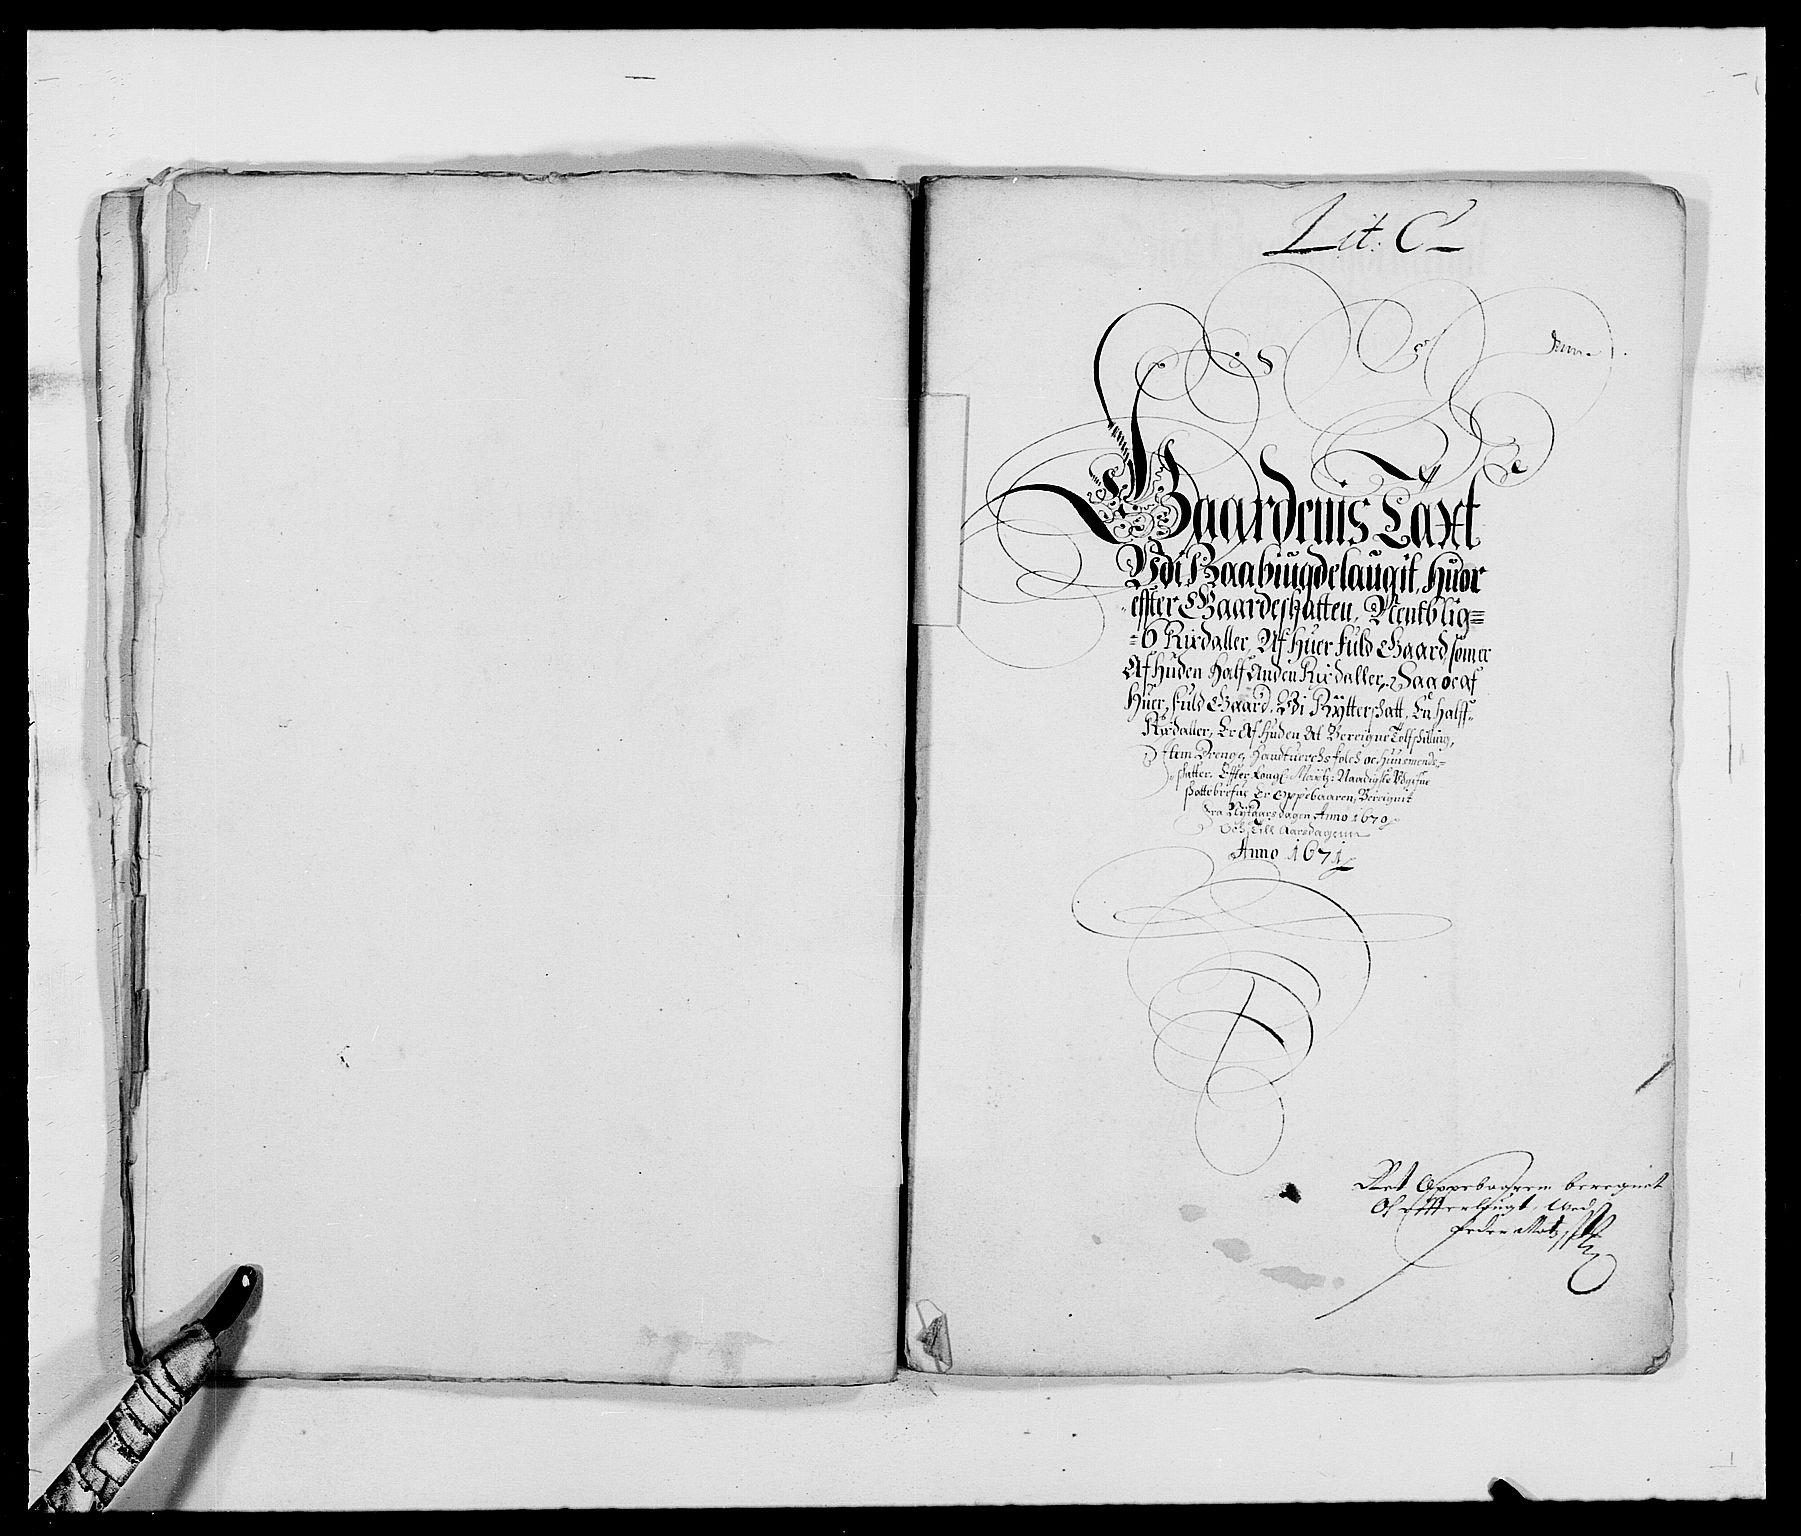 RA, Rentekammeret inntil 1814, Reviderte regnskaper, Fogderegnskap, R40/L2432: Fogderegnskap Råbyggelag, 1669-1670, s. 157